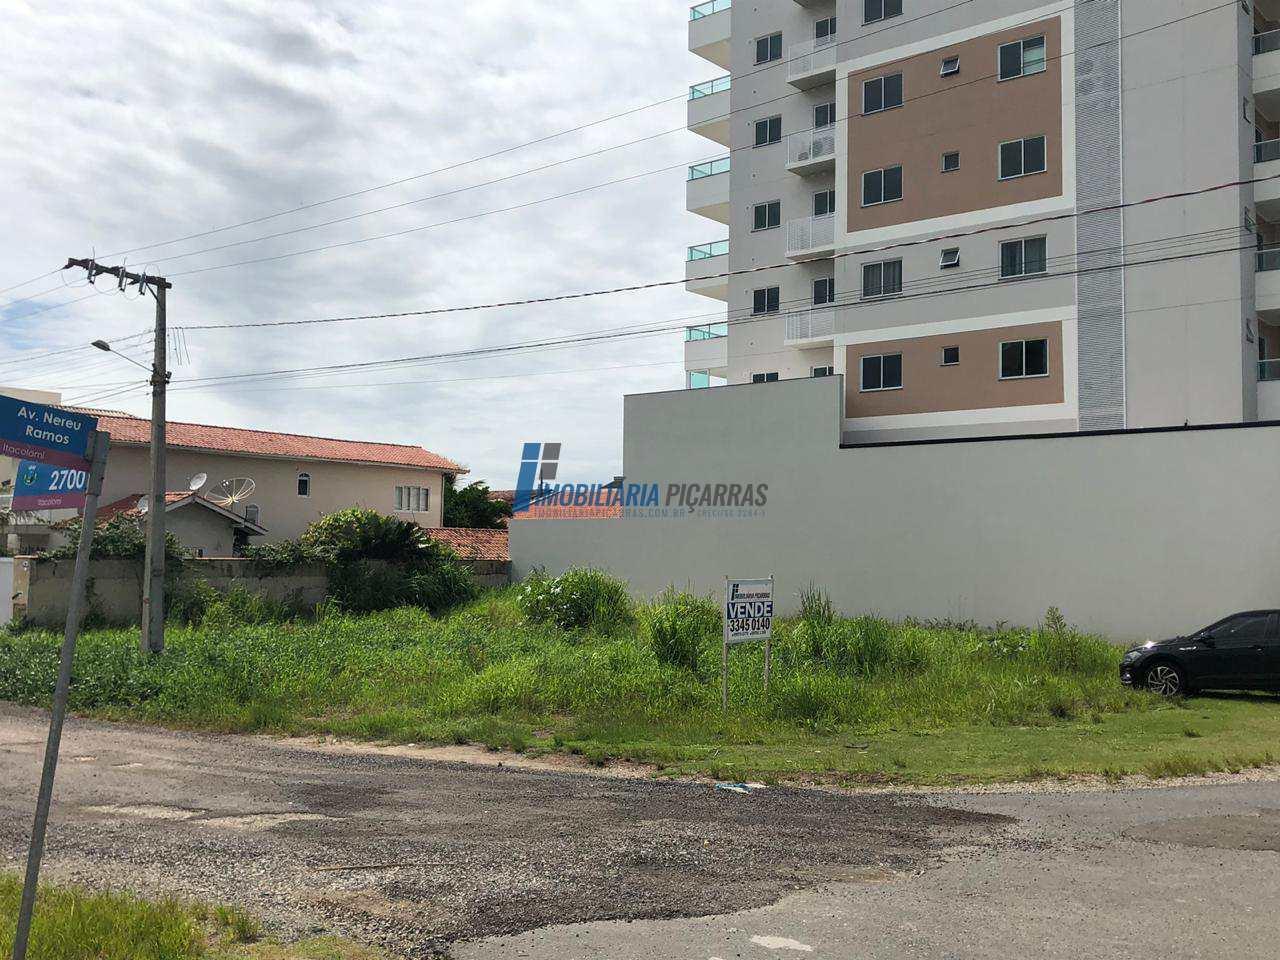 Terreno frente à Av. Nereu Ramos em Balneário Piçarras